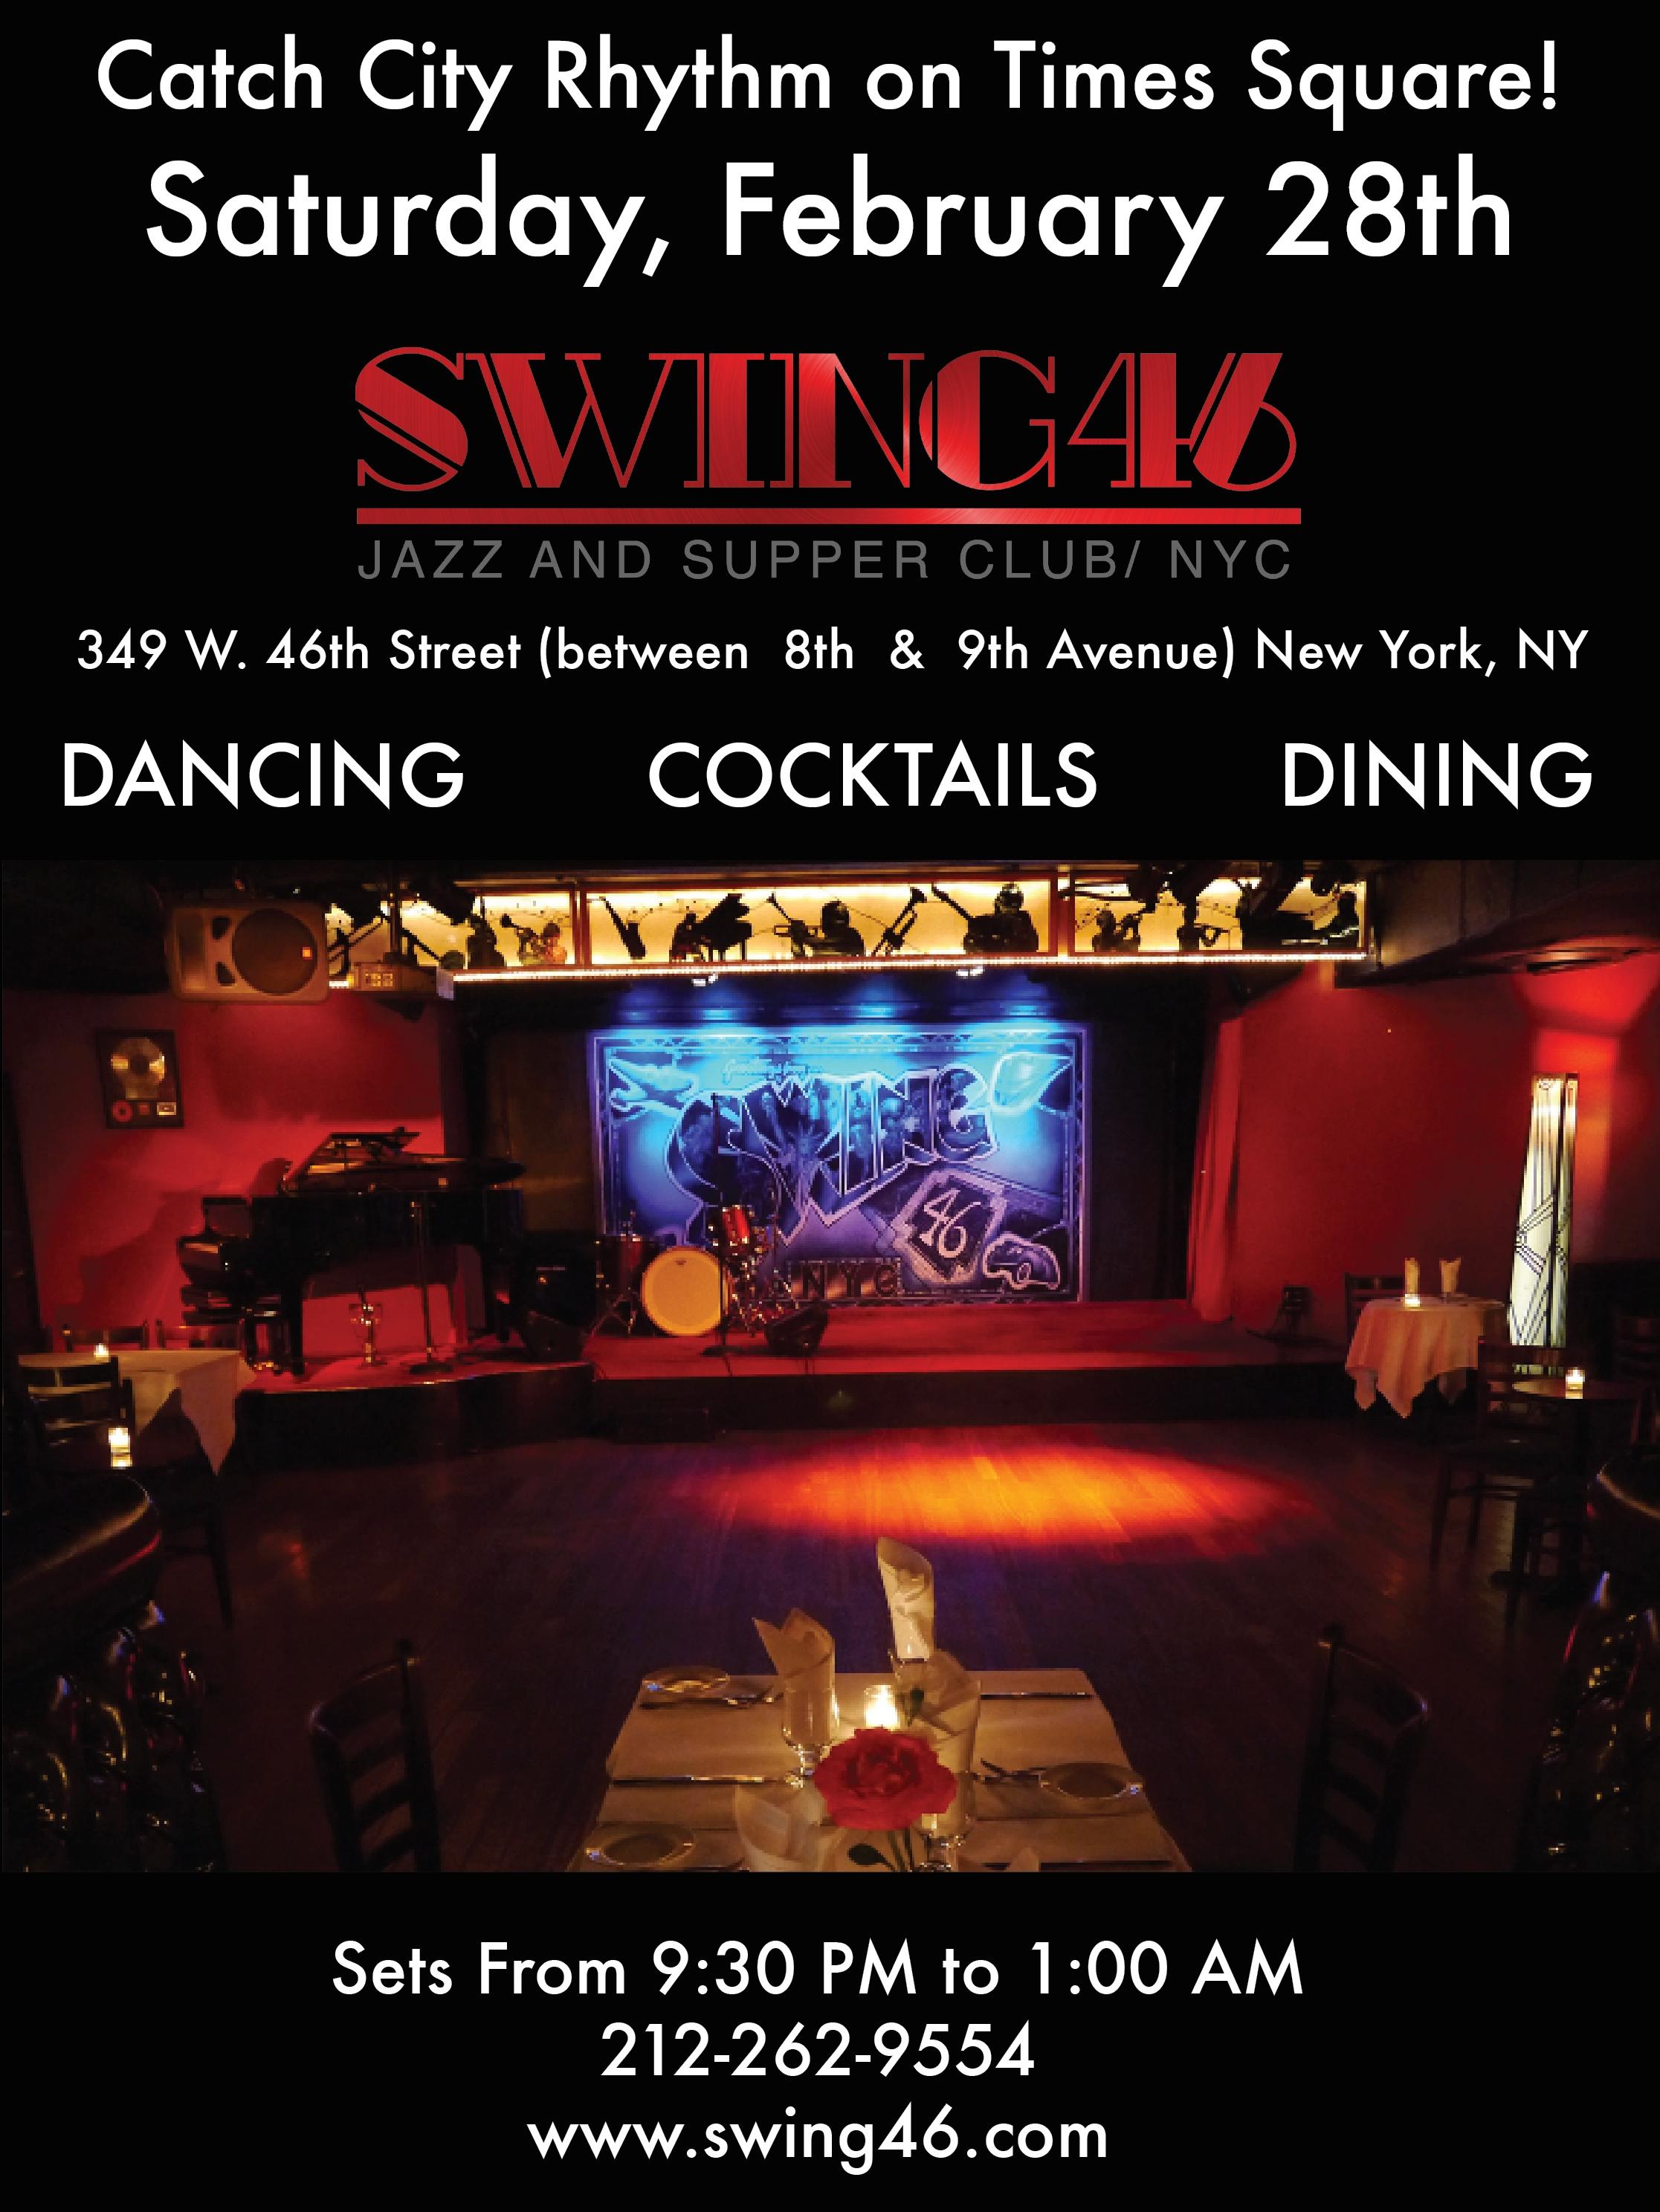 Swing 46 3-1-2014 (1).jpg